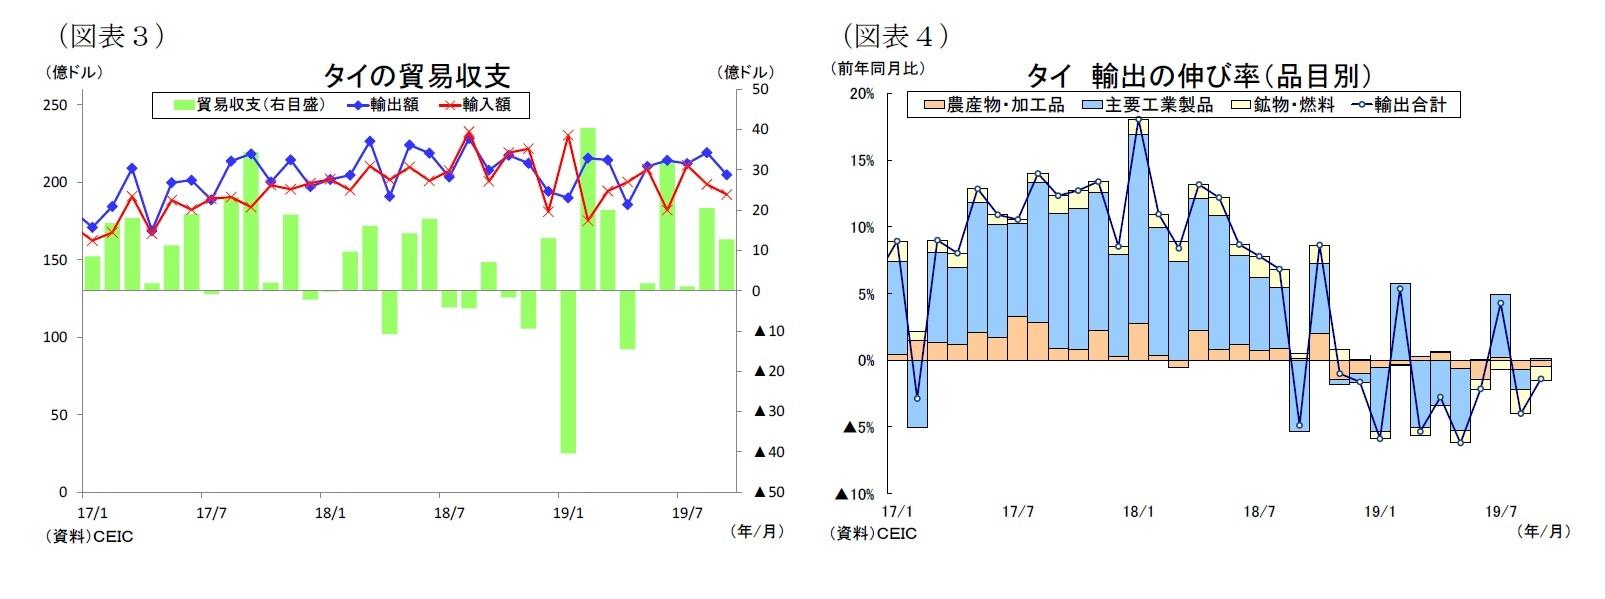 (図表3)タイの貿易収支/(図表4)タイ輸出の伸び率(品目別)